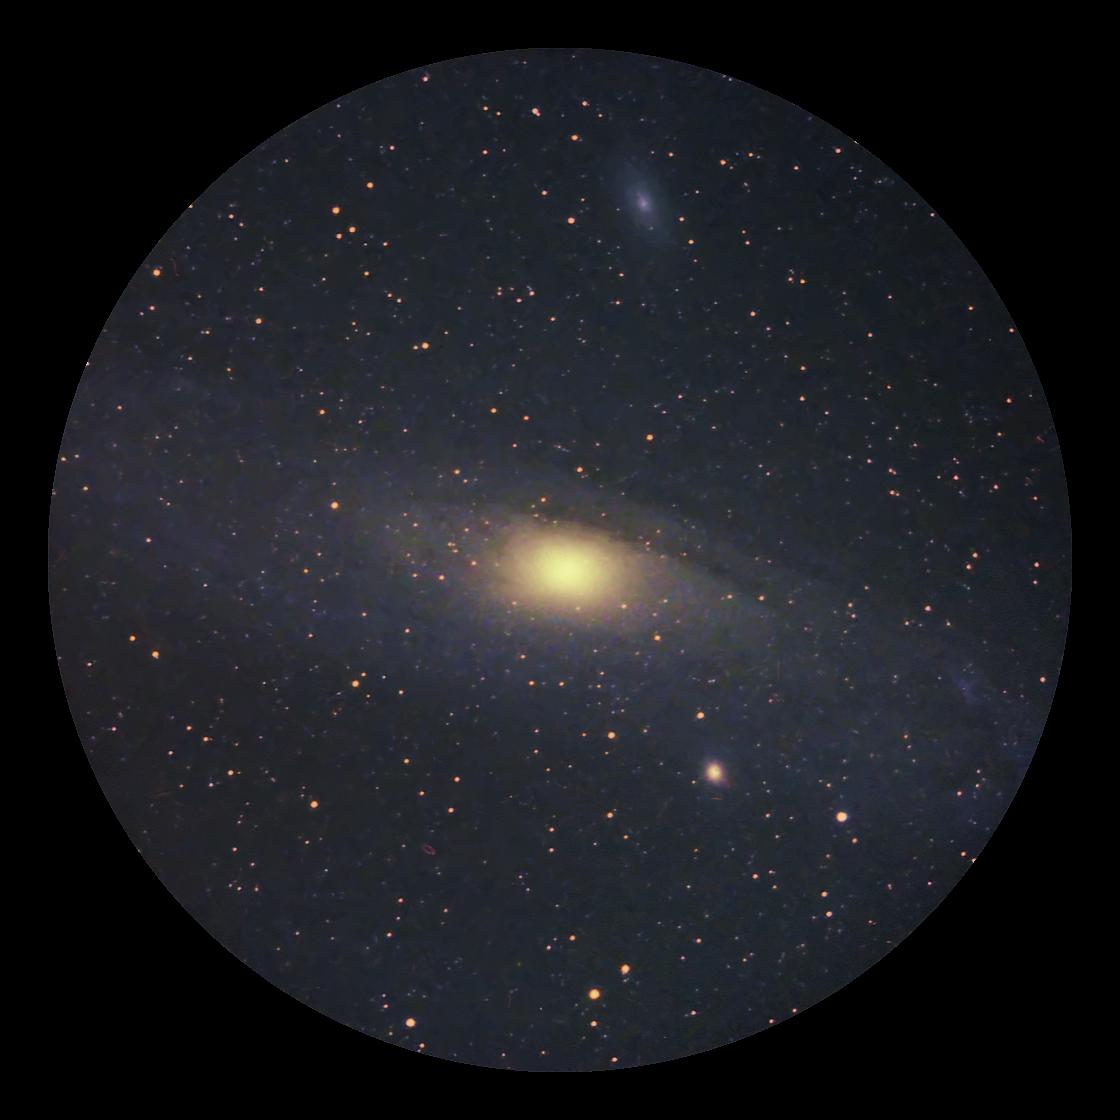 M31_den_a.png.4ec9d33b2019f2783765999f7883eb3d.png